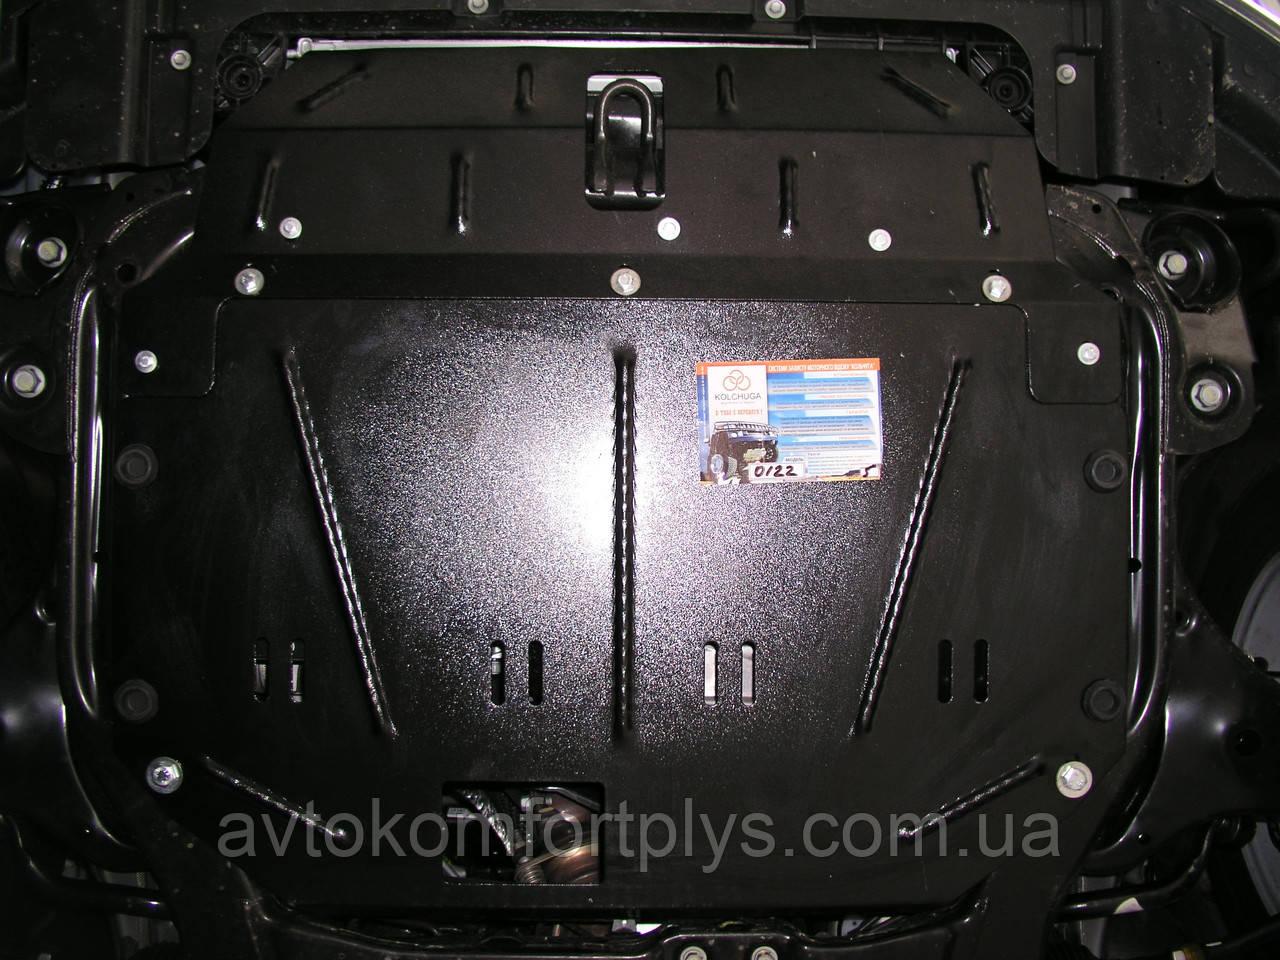 Металлическая (стальная) защита двигателя (картера) Hyundai Elantra IV (HD) (2006-2011) (все обьемы)